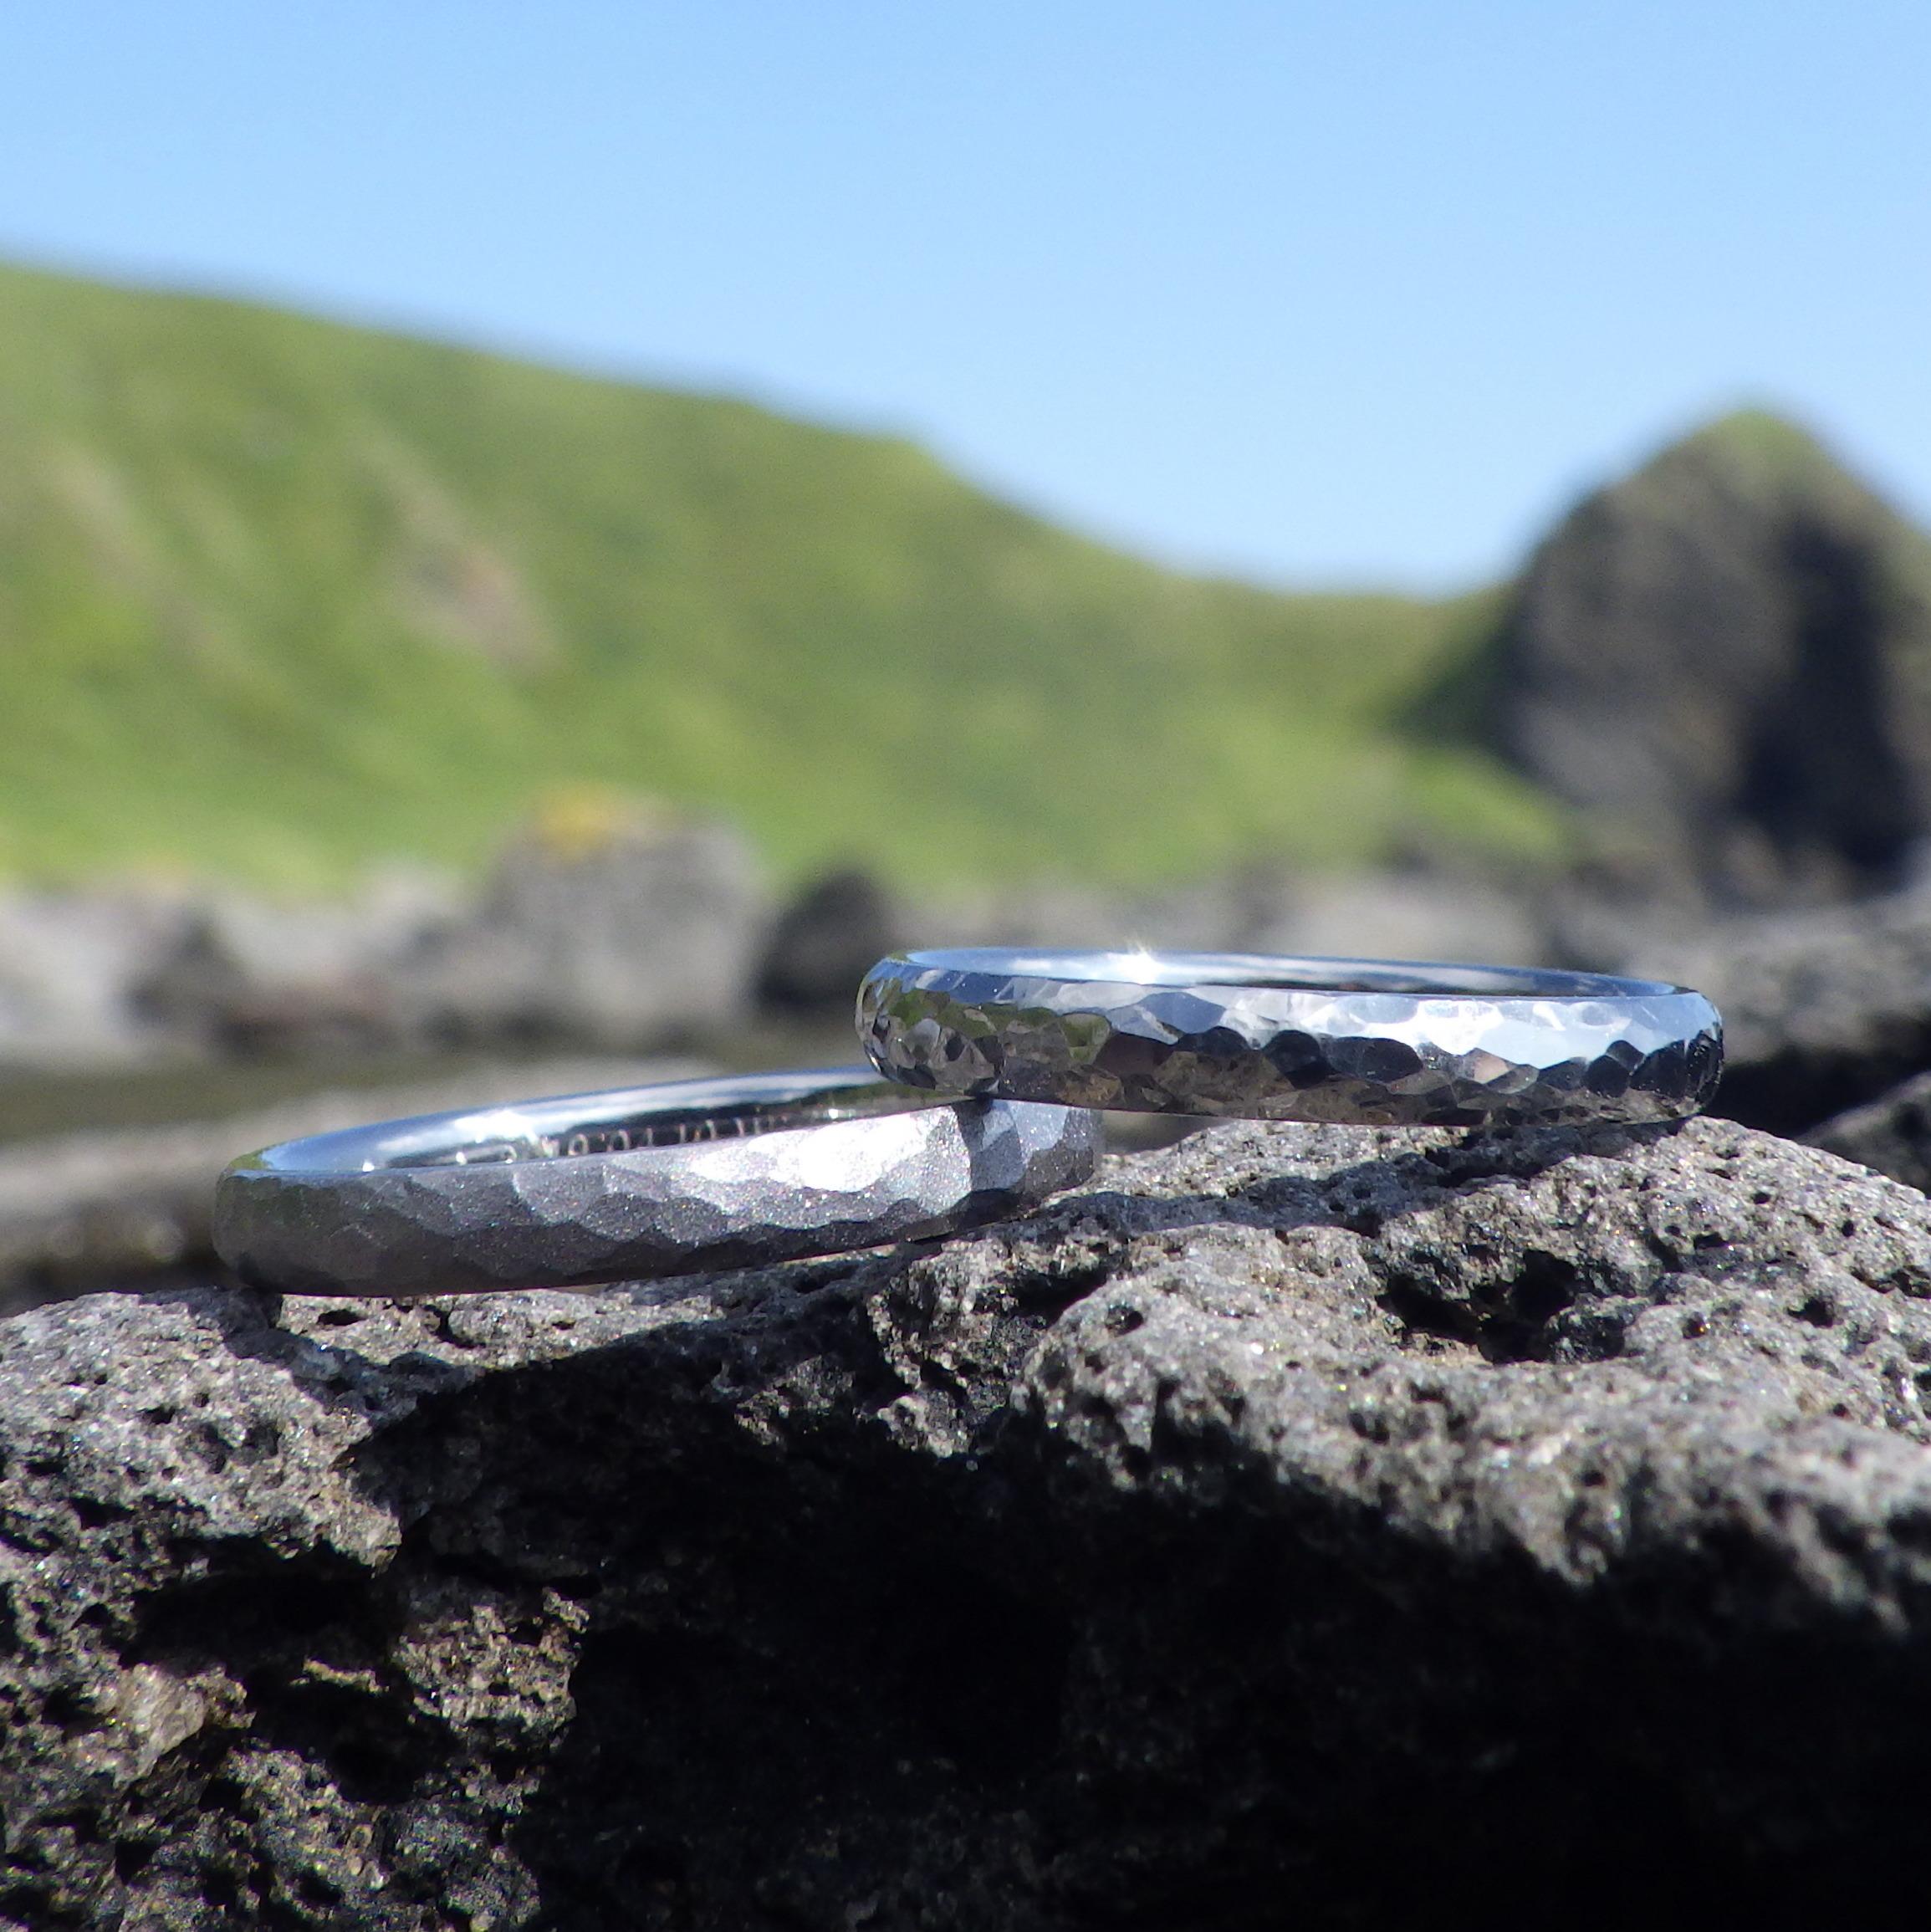 仕上げの違いによって見せるタンタルの様々な表情・タンタルの結婚指輪 Tantalum Rings